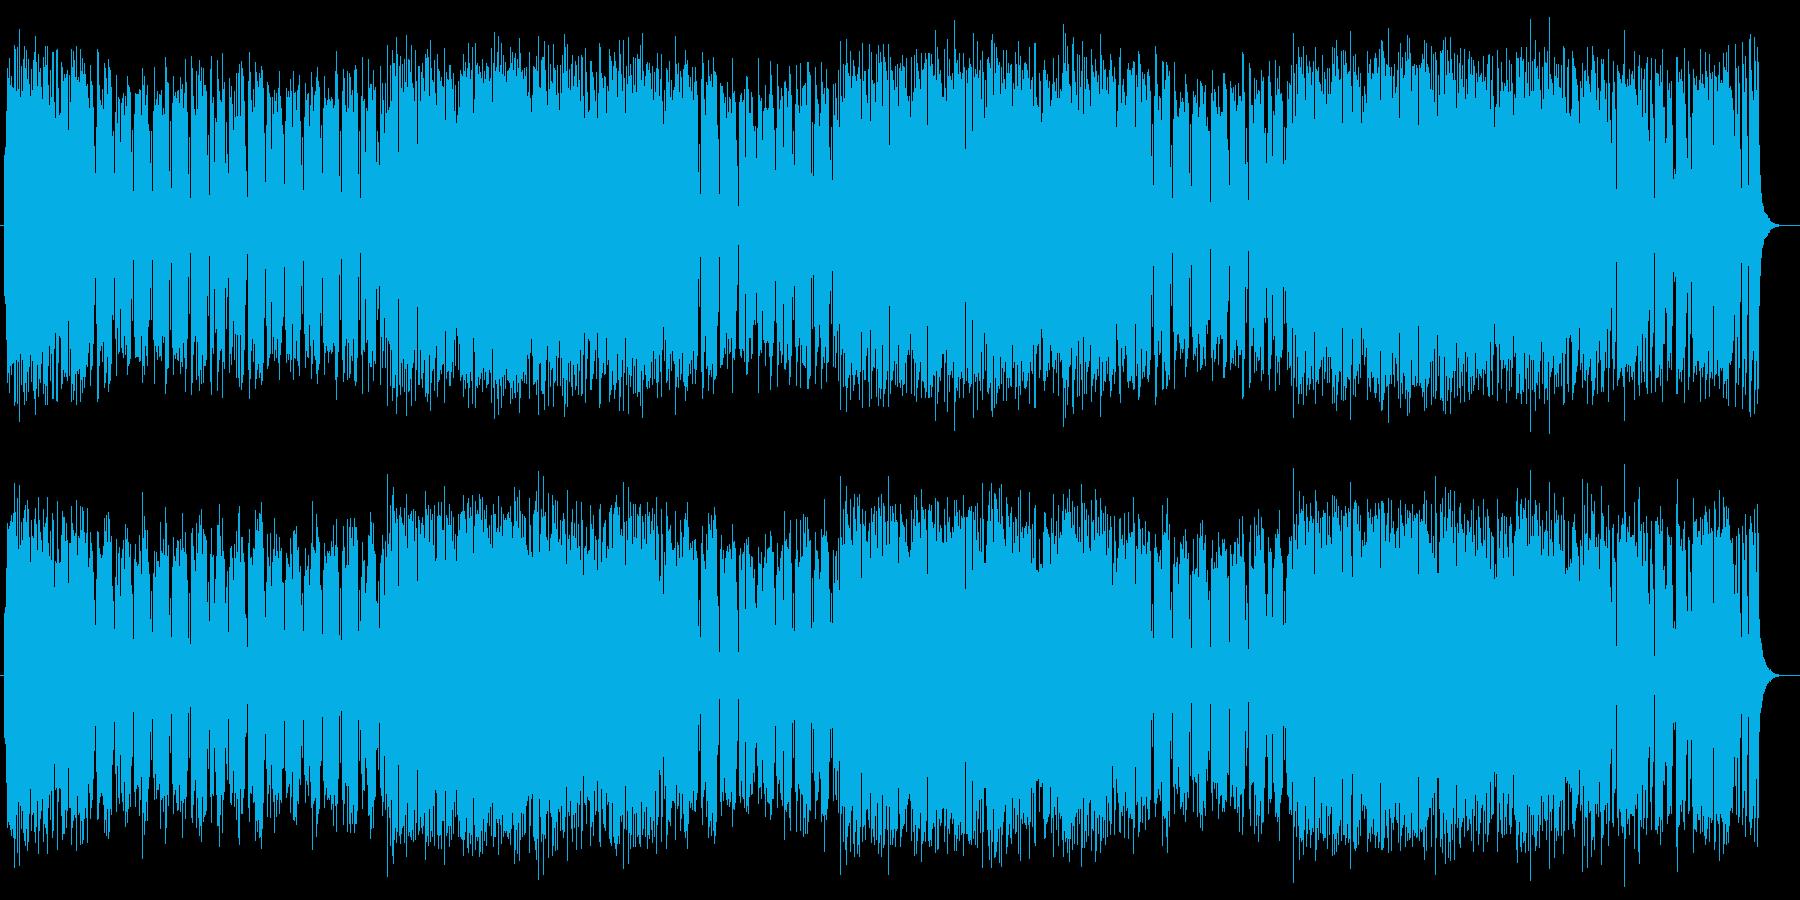 ハープとシンセが特徴のアップテンポポップの再生済みの波形